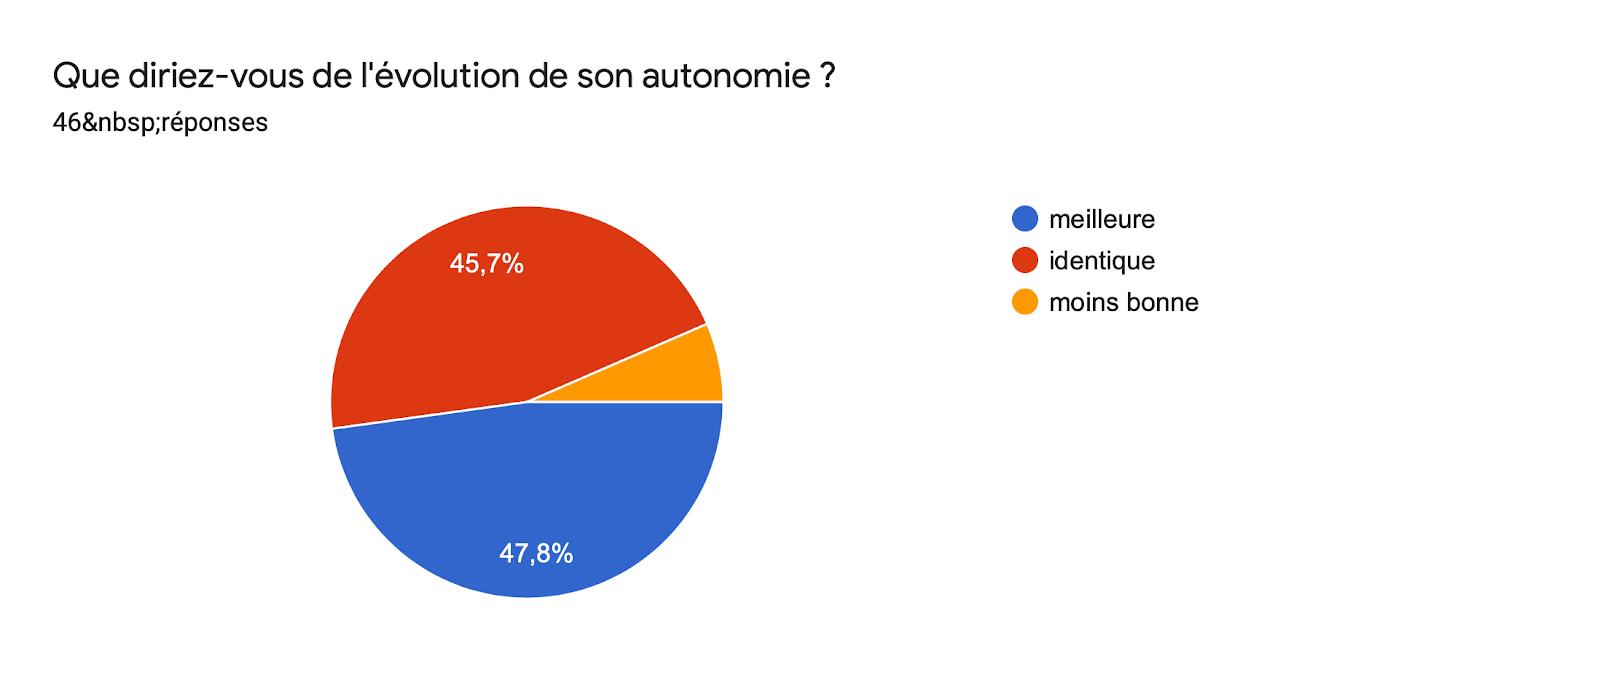 Tableau des réponses au formulaire Forms. Titre de la question: Que diriez-vous de l'évolution de son autonomie ?. Nombre de réponses: 46réponses.